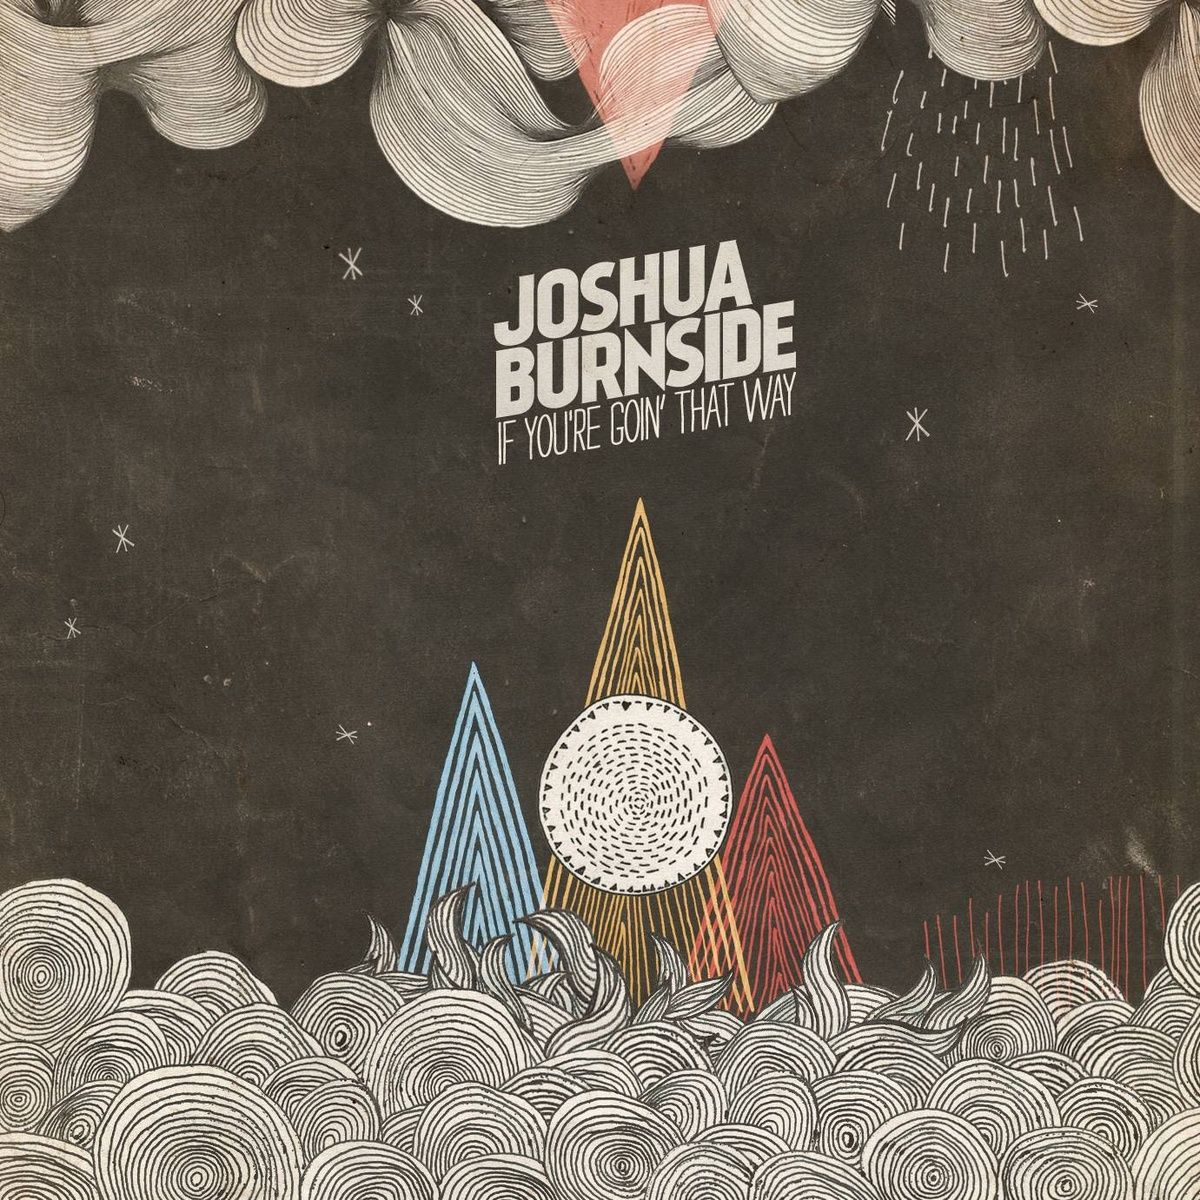 Joshua Burnside – If You're Going That Way | Review